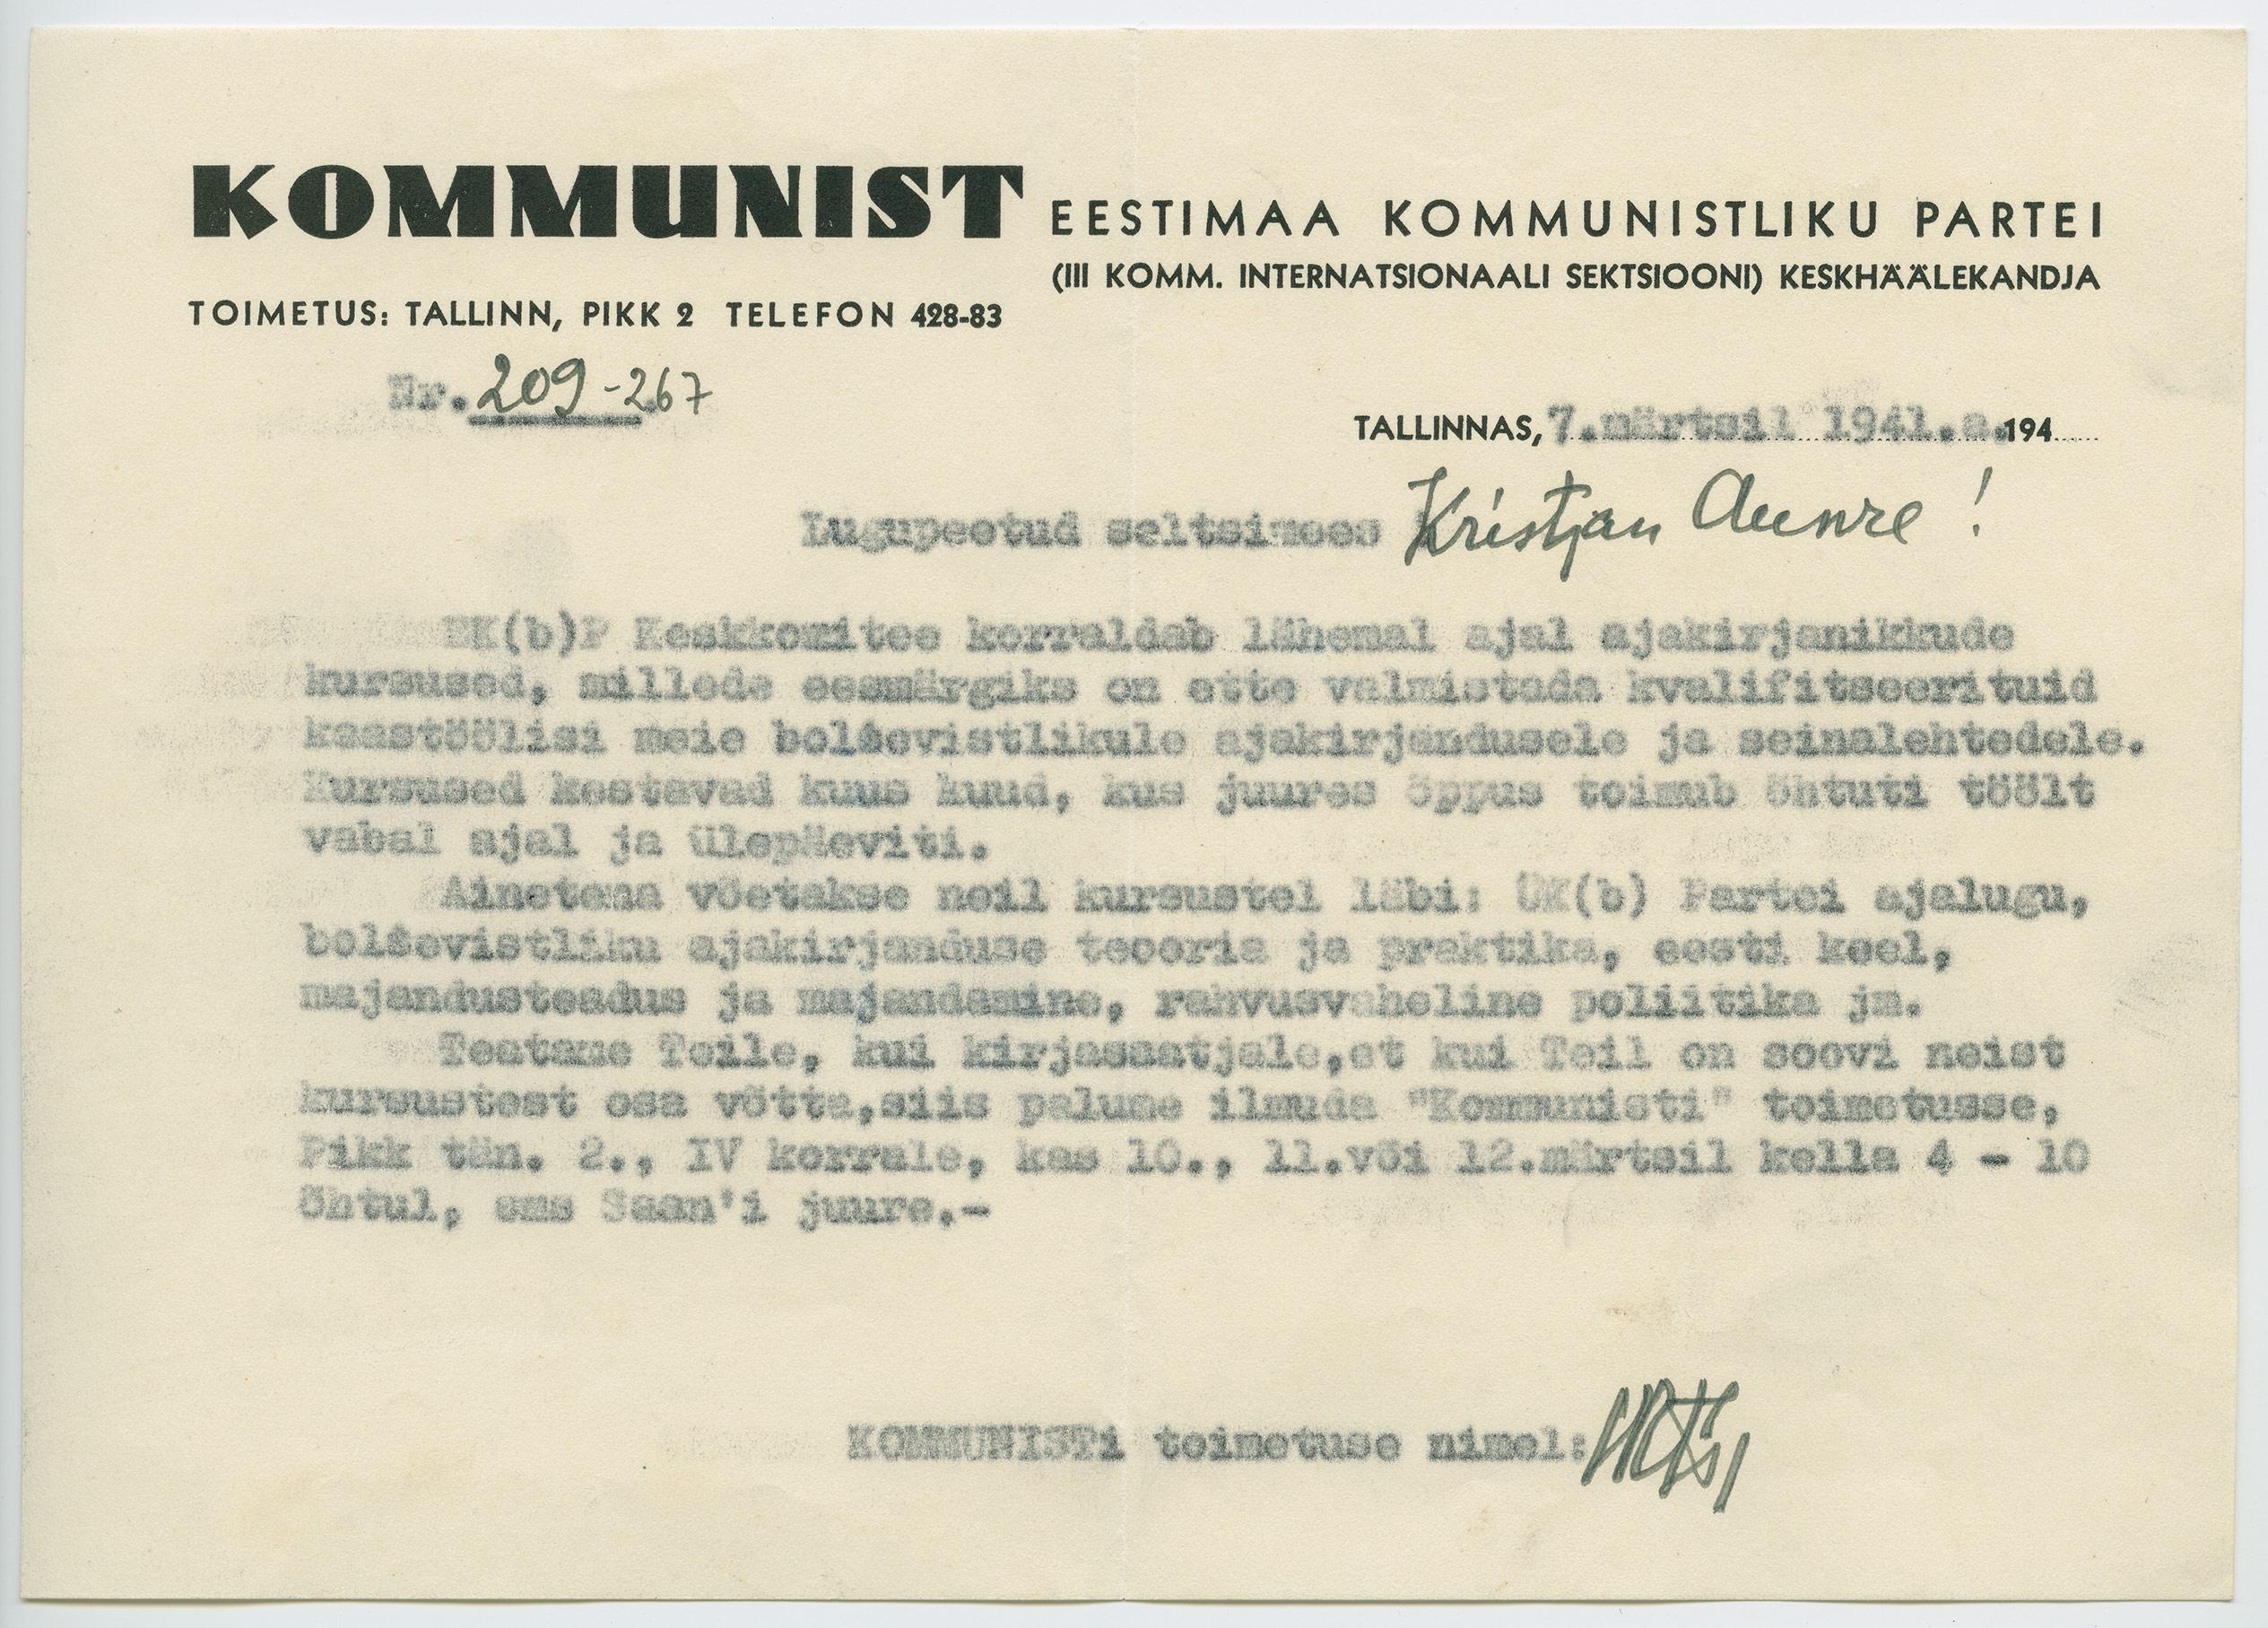 1201b-Ajaleht-Kommunist-Tallinn-Loderandi-peeglitööstus-postituvi-1941-postiajalugu-ee